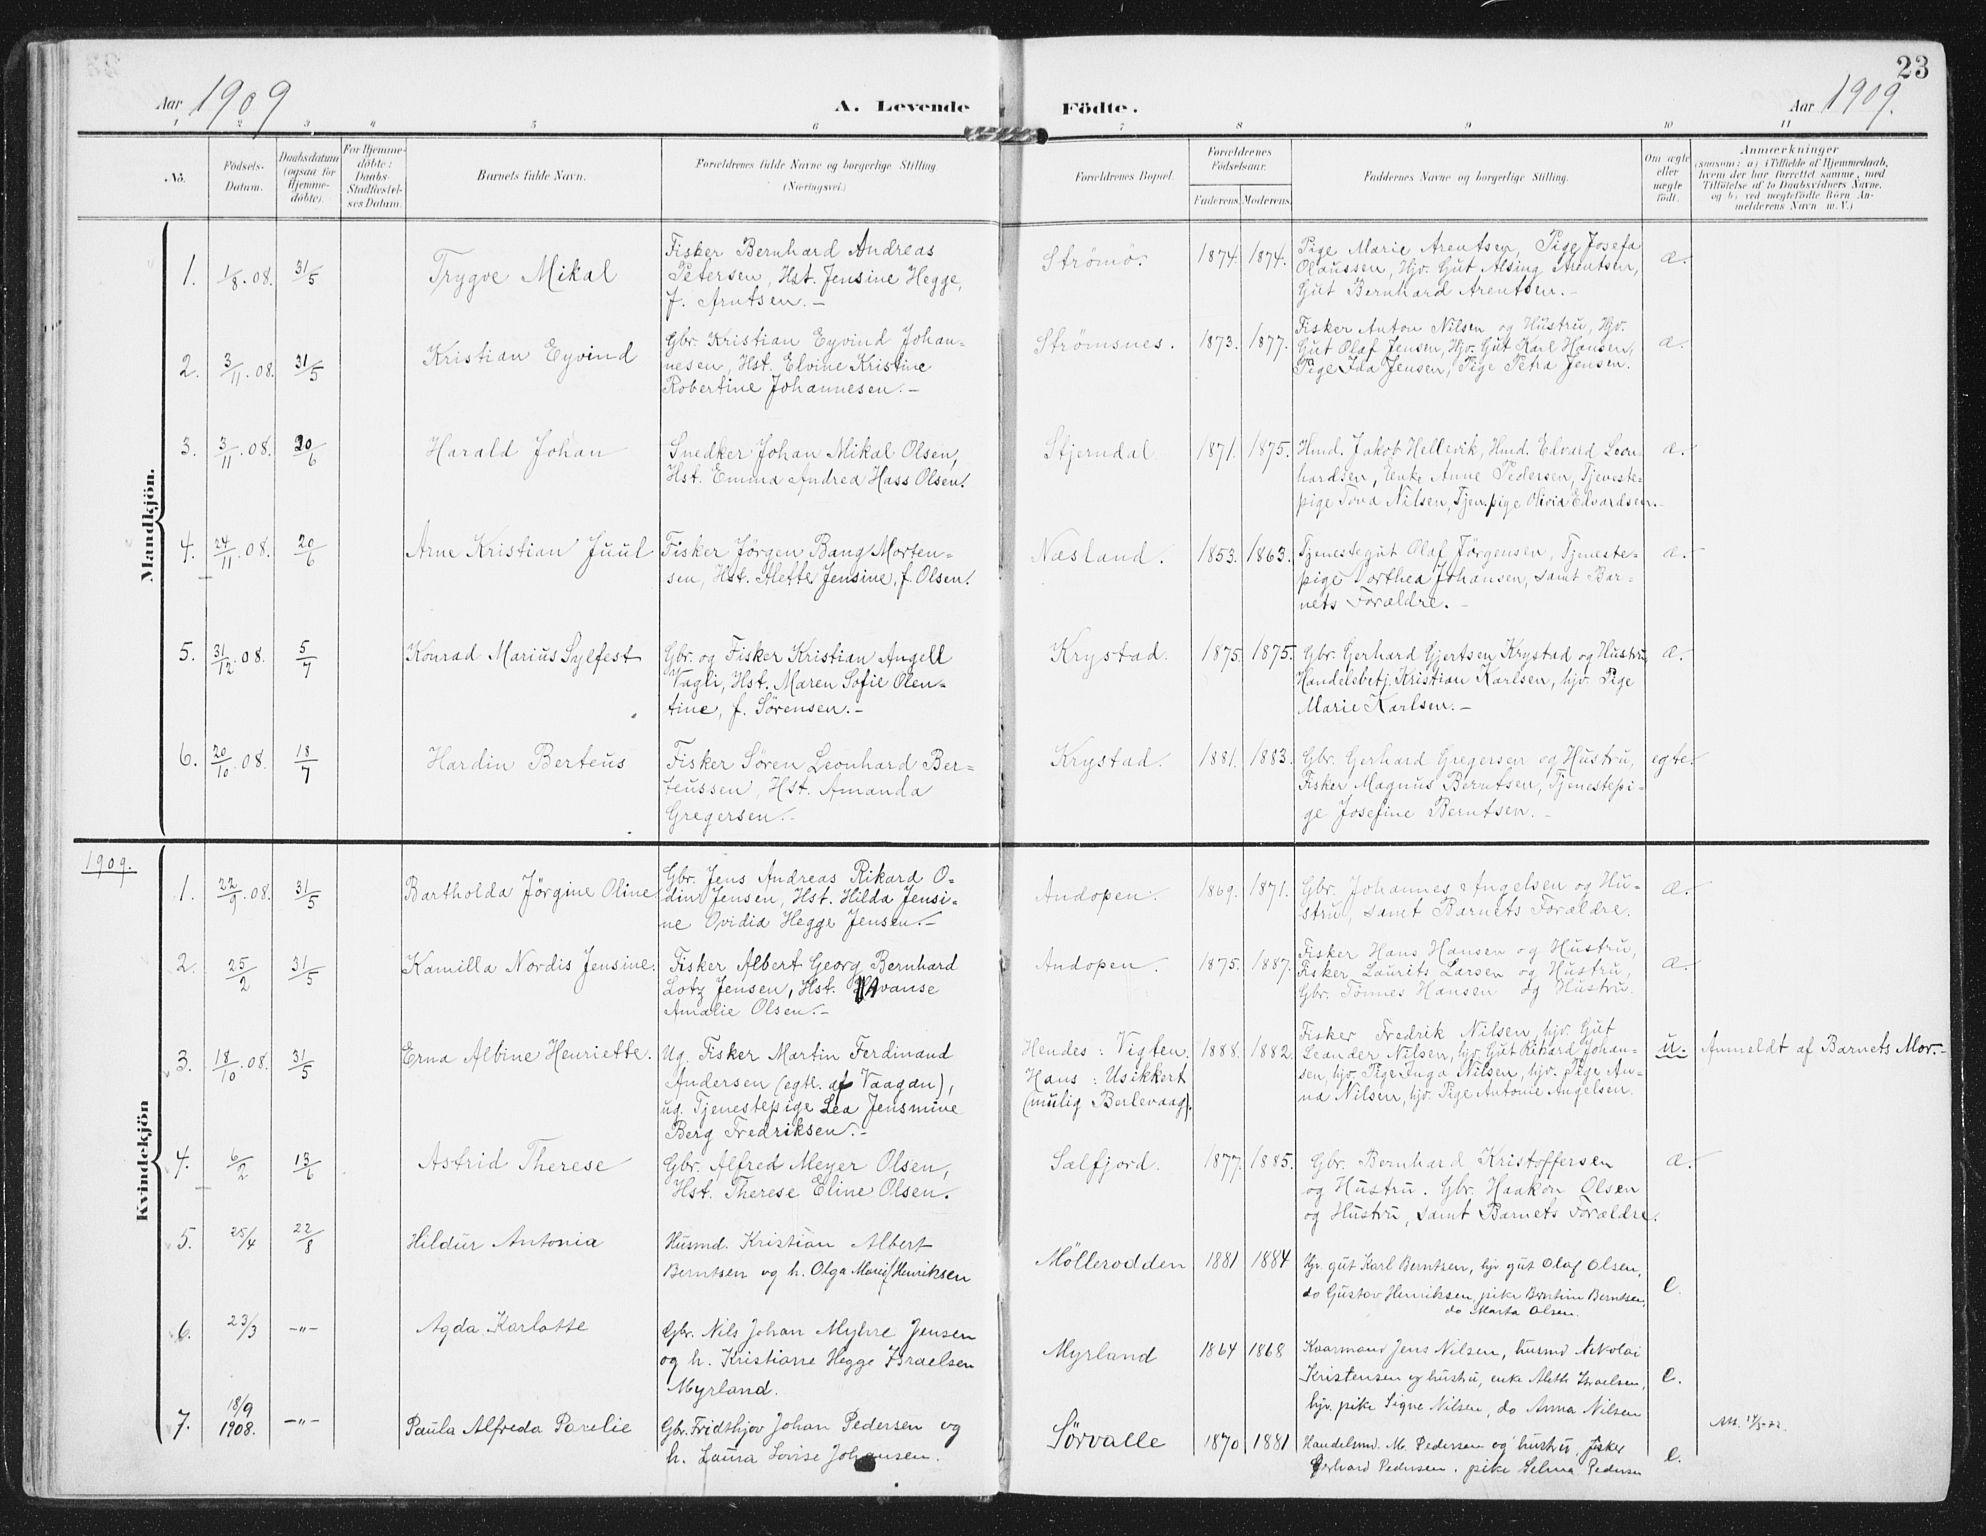 SAT, Ministerialprotokoller, klokkerbøker og fødselsregistre - Nordland, 885/L1206: Parish register (official) no. 885A07, 1905-1915, p. 23